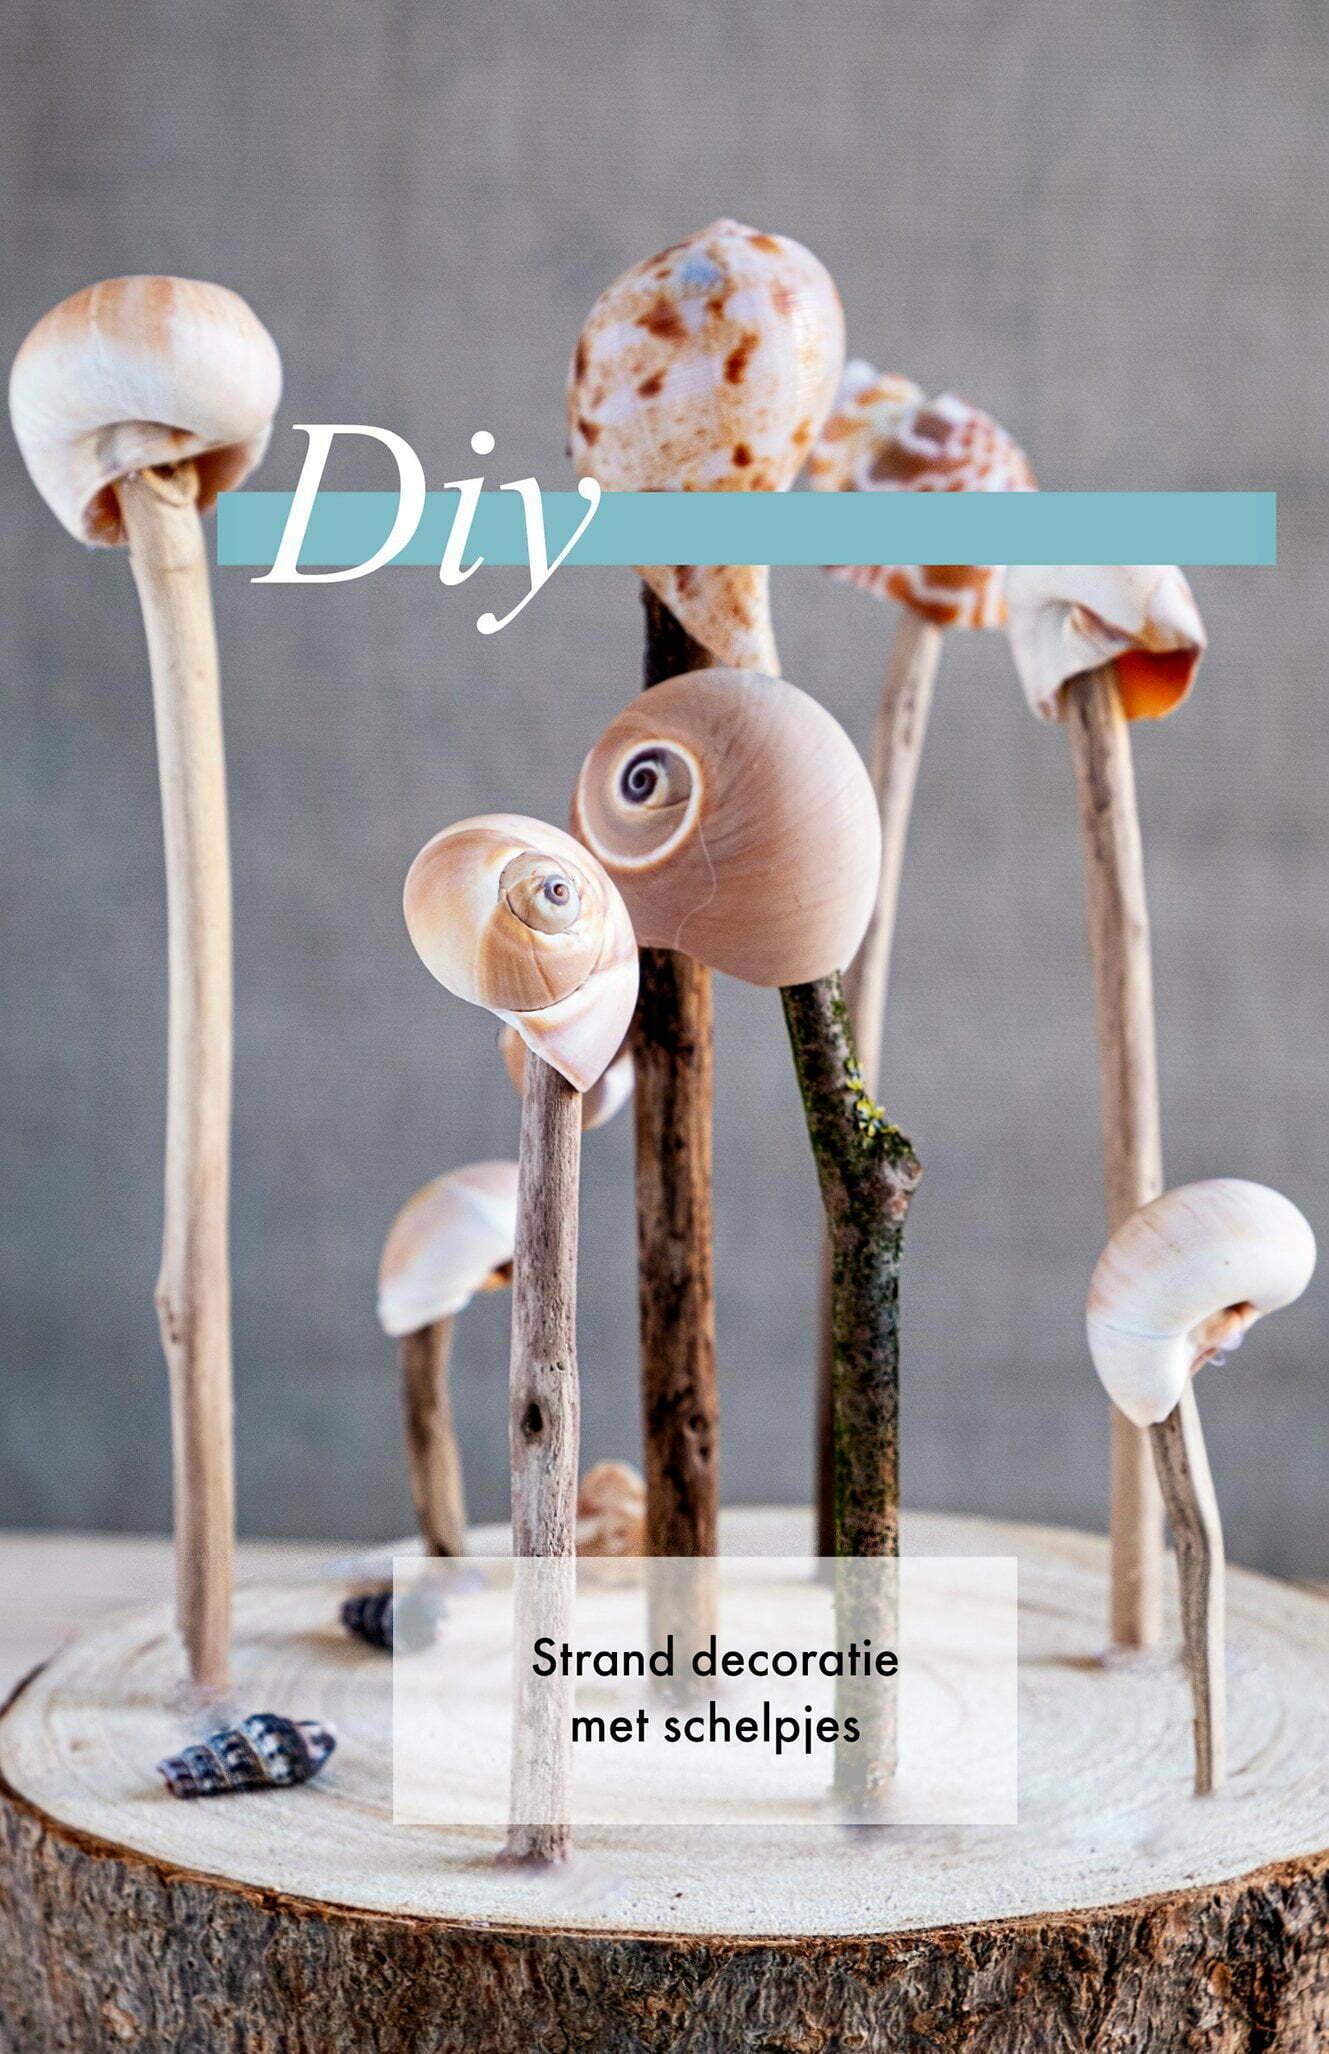 Pin Strand decoratie met schelpjes - Diy